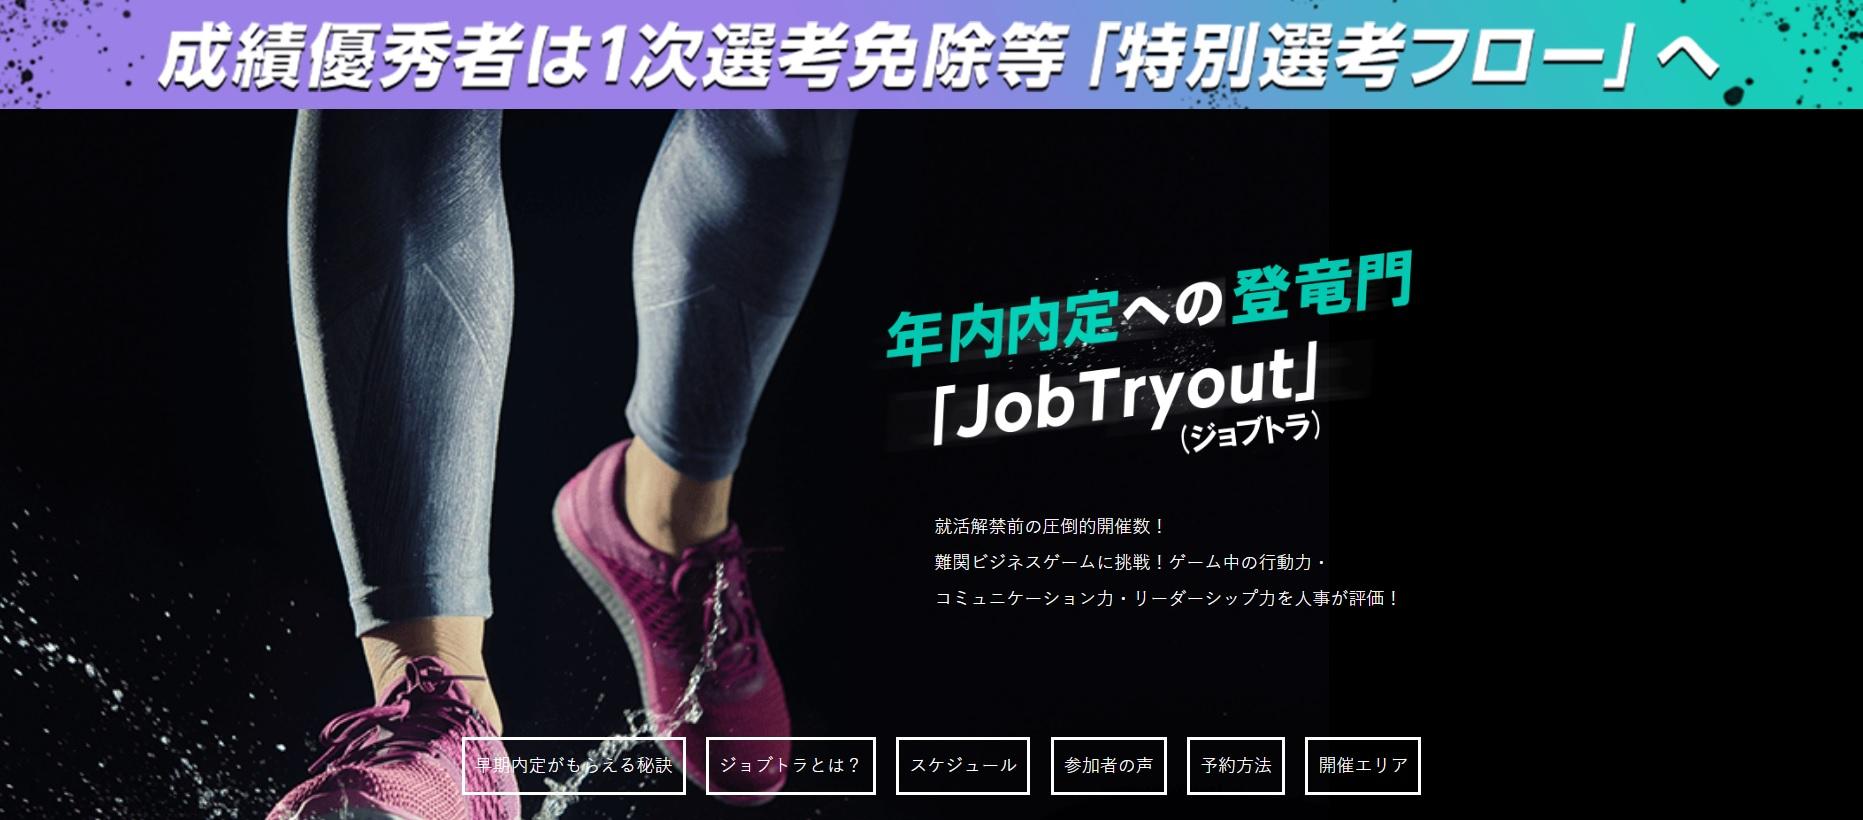 ジョブトライアウト(Job Tryout)は悪評が多い?評判と就活で使えるのか解説!